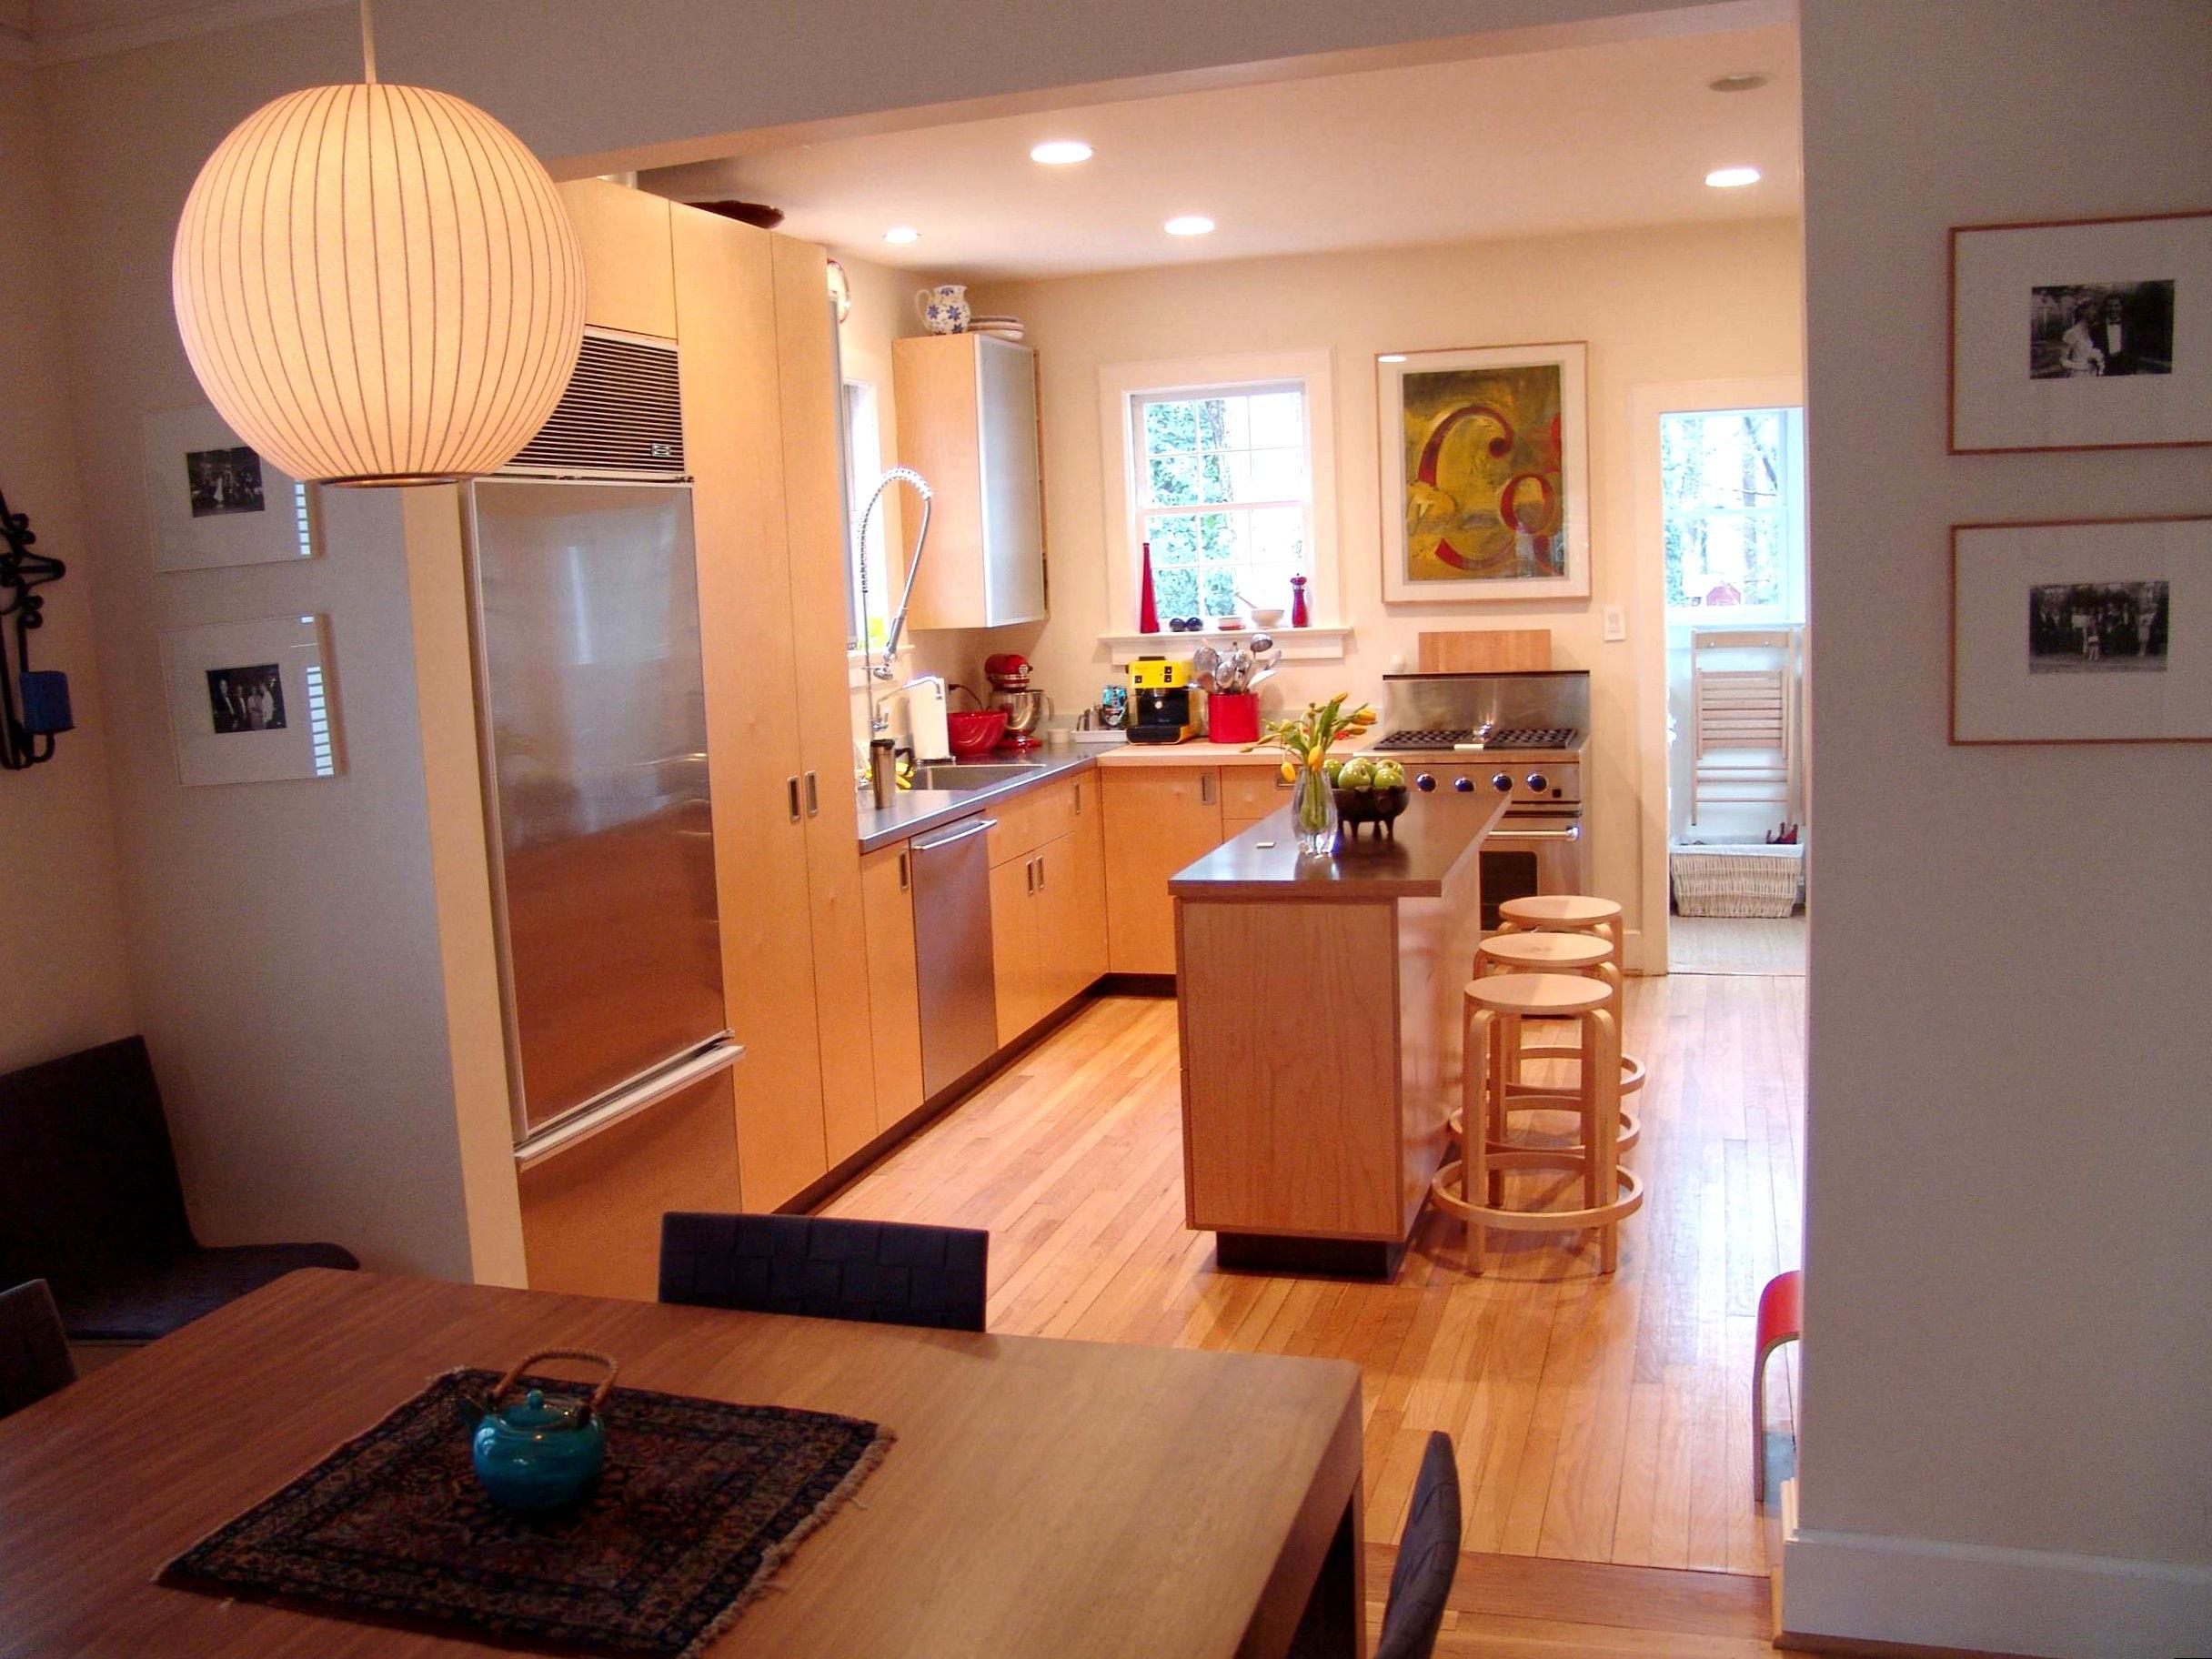 Дизайн кухни в частном доме: 50 фото самых удачных интерьеров 3